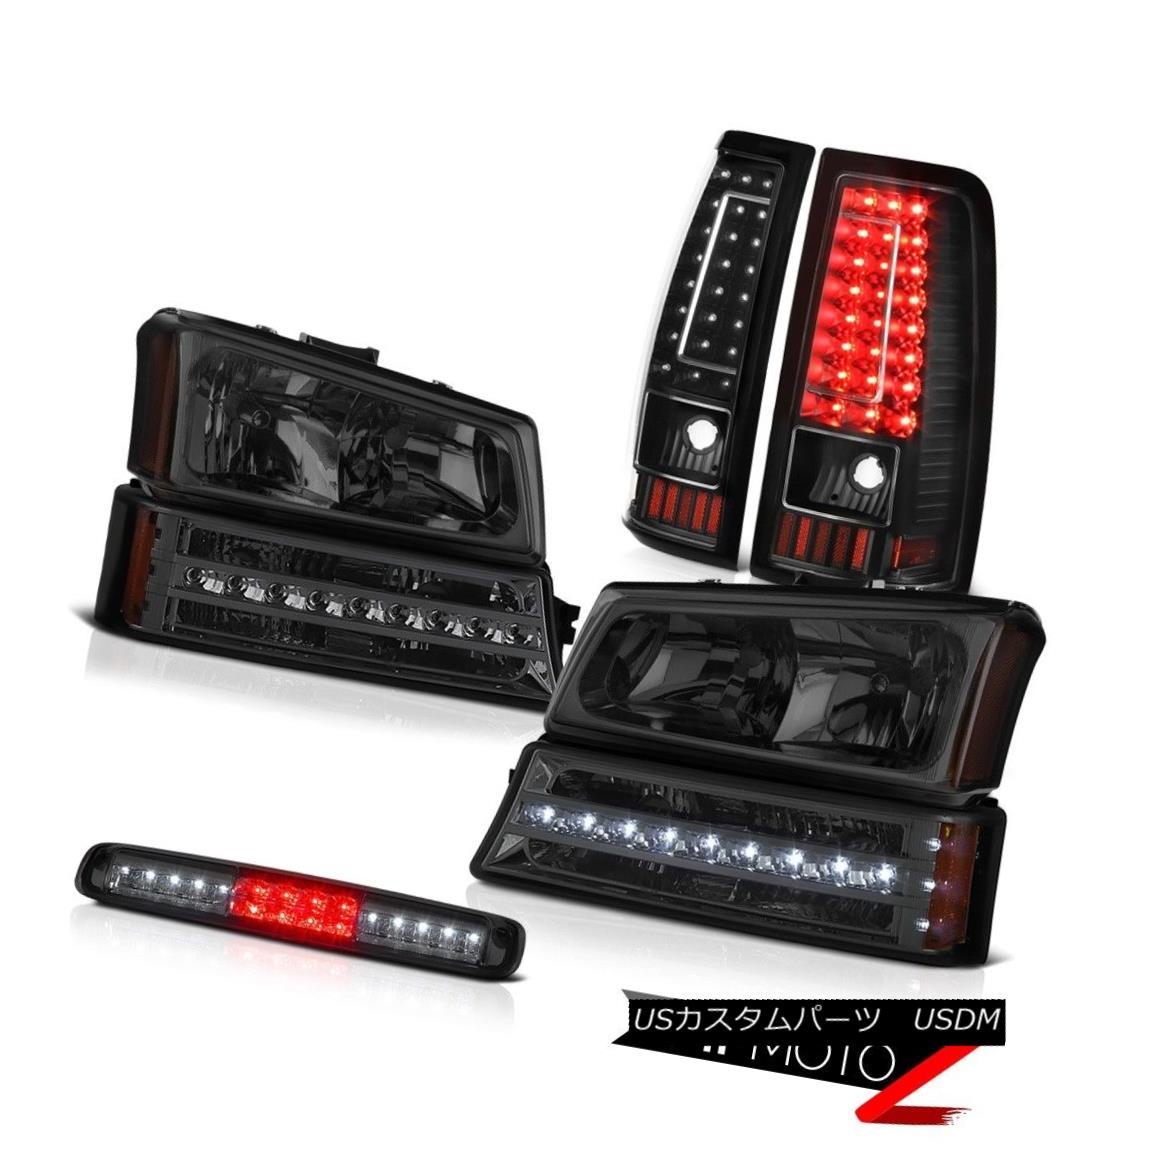 テールライト 03-06 Chevy Silverado 1500 High Stop Light Tail Lamps Parking Lamp Headlights 03-06 Chevy Silverado 1500ハイストップライトテールランプパーキングランプヘッドライト